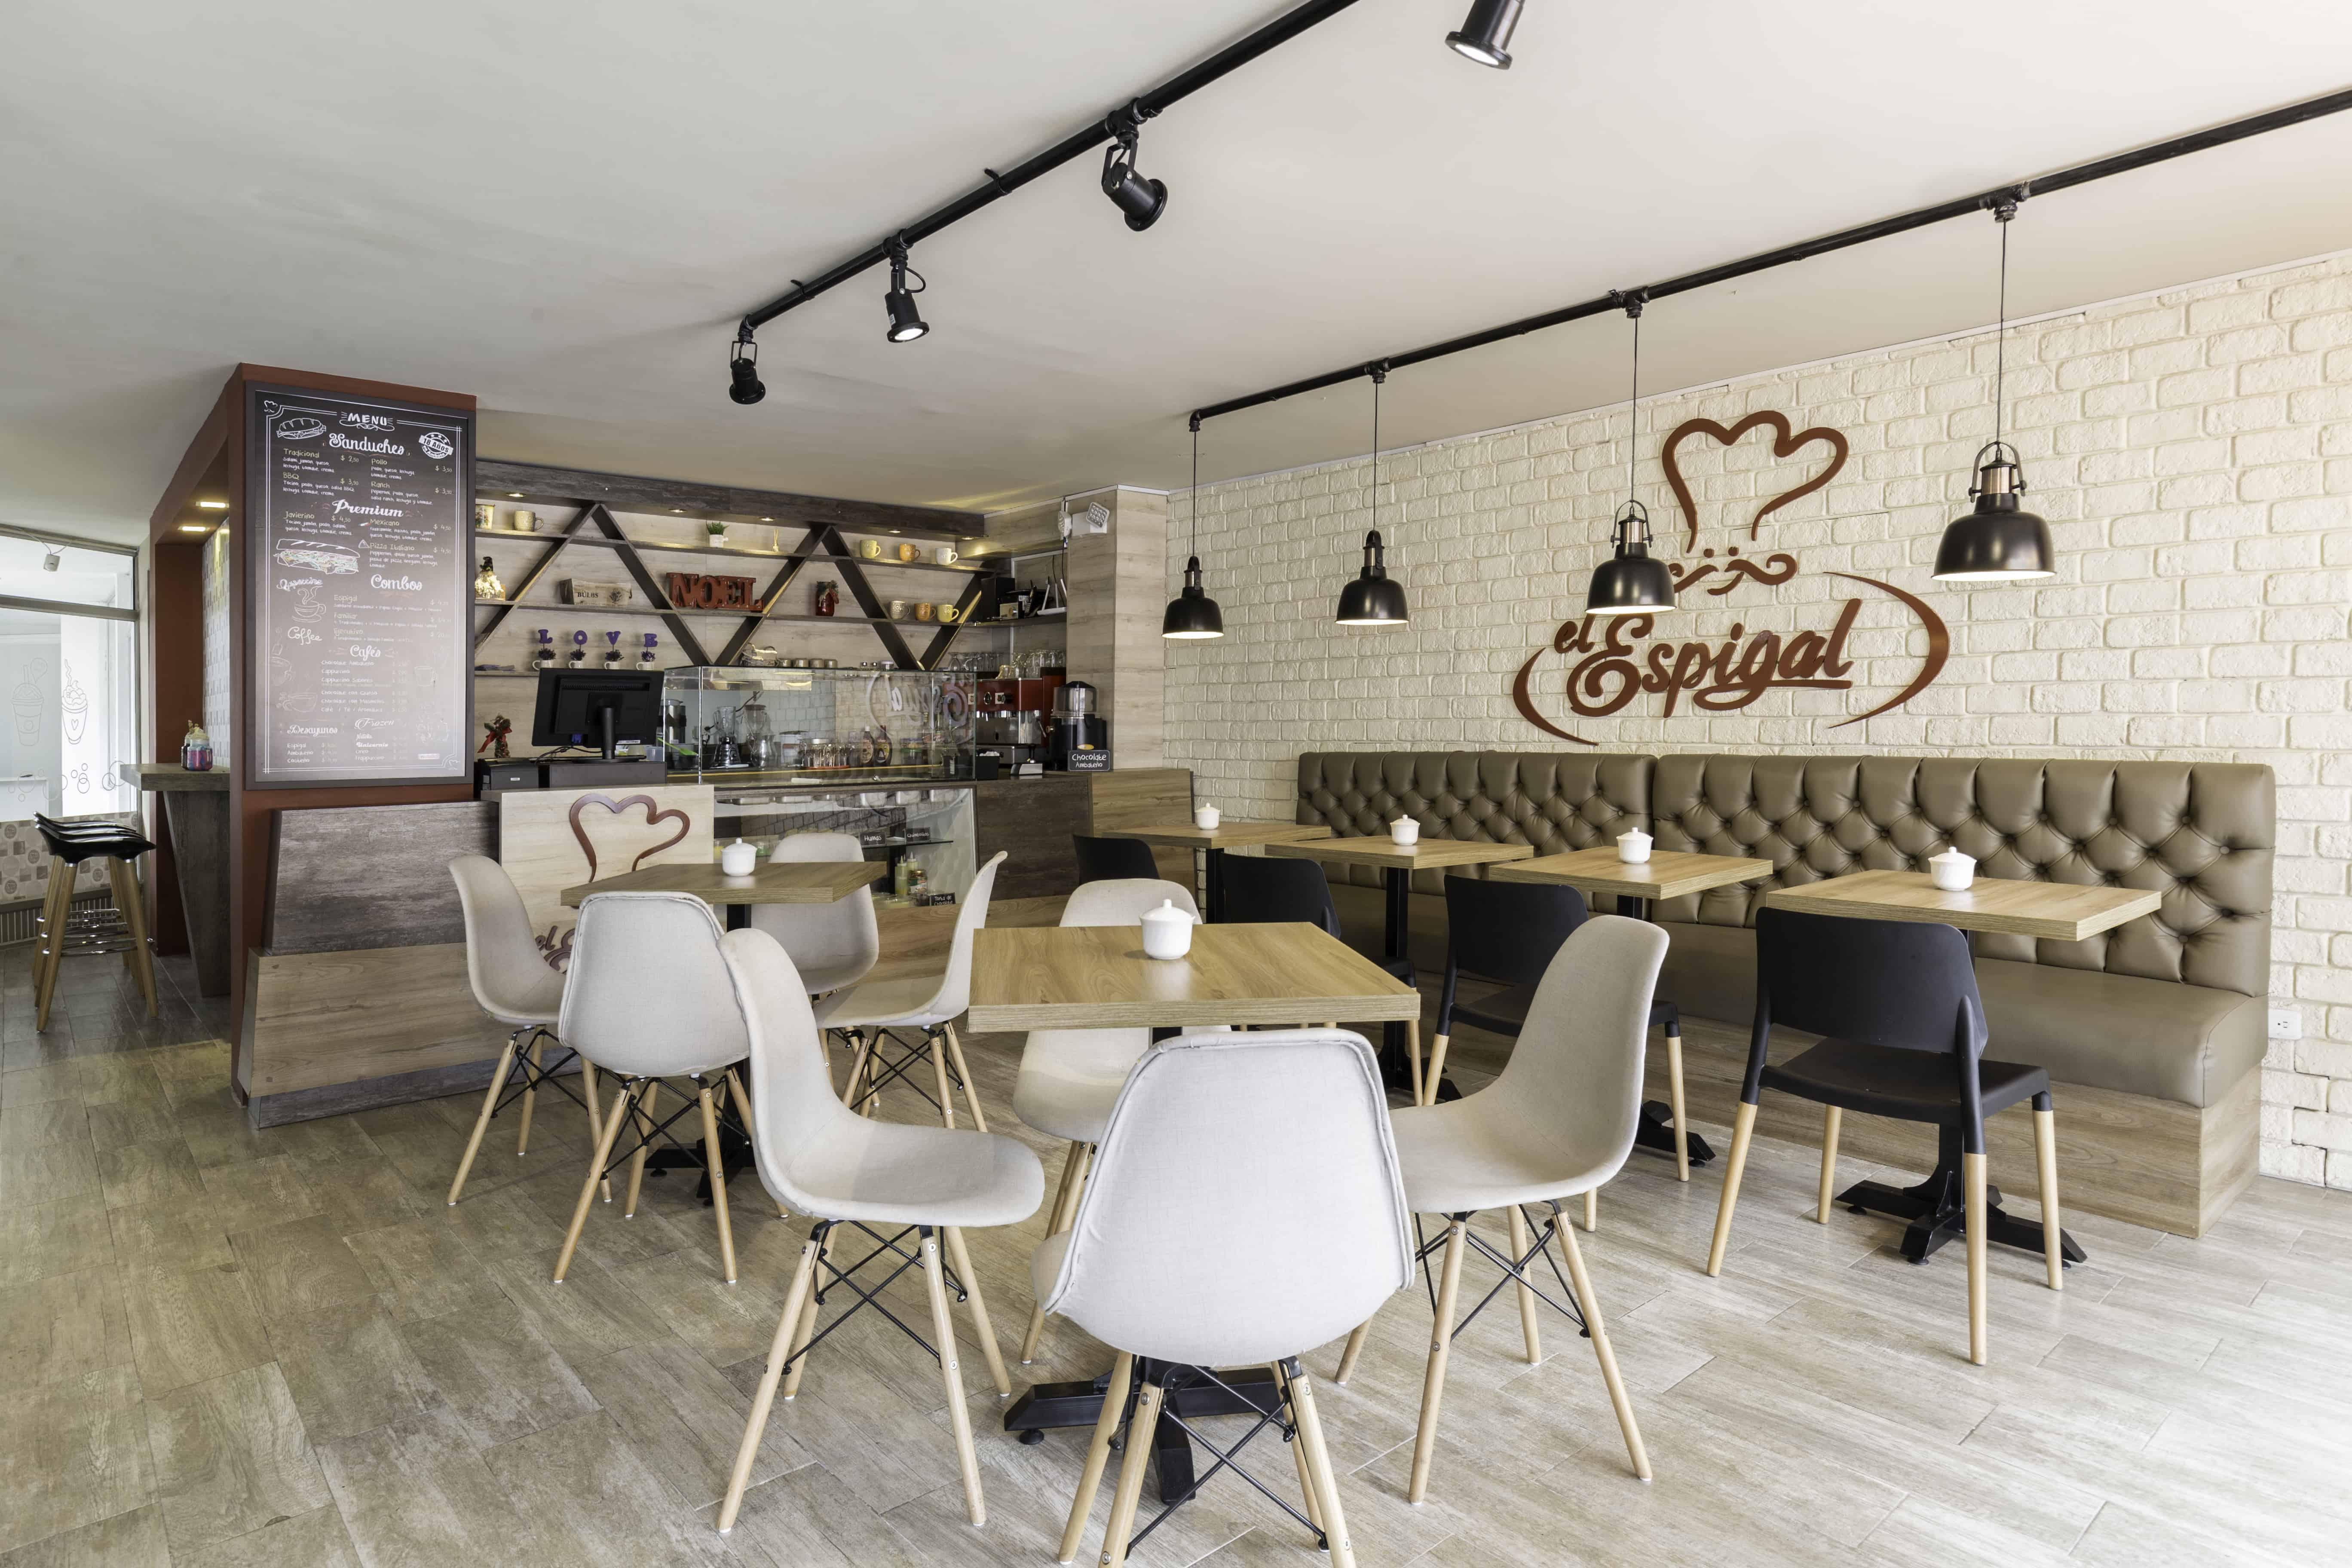 Detalle   El espigal Cafetería